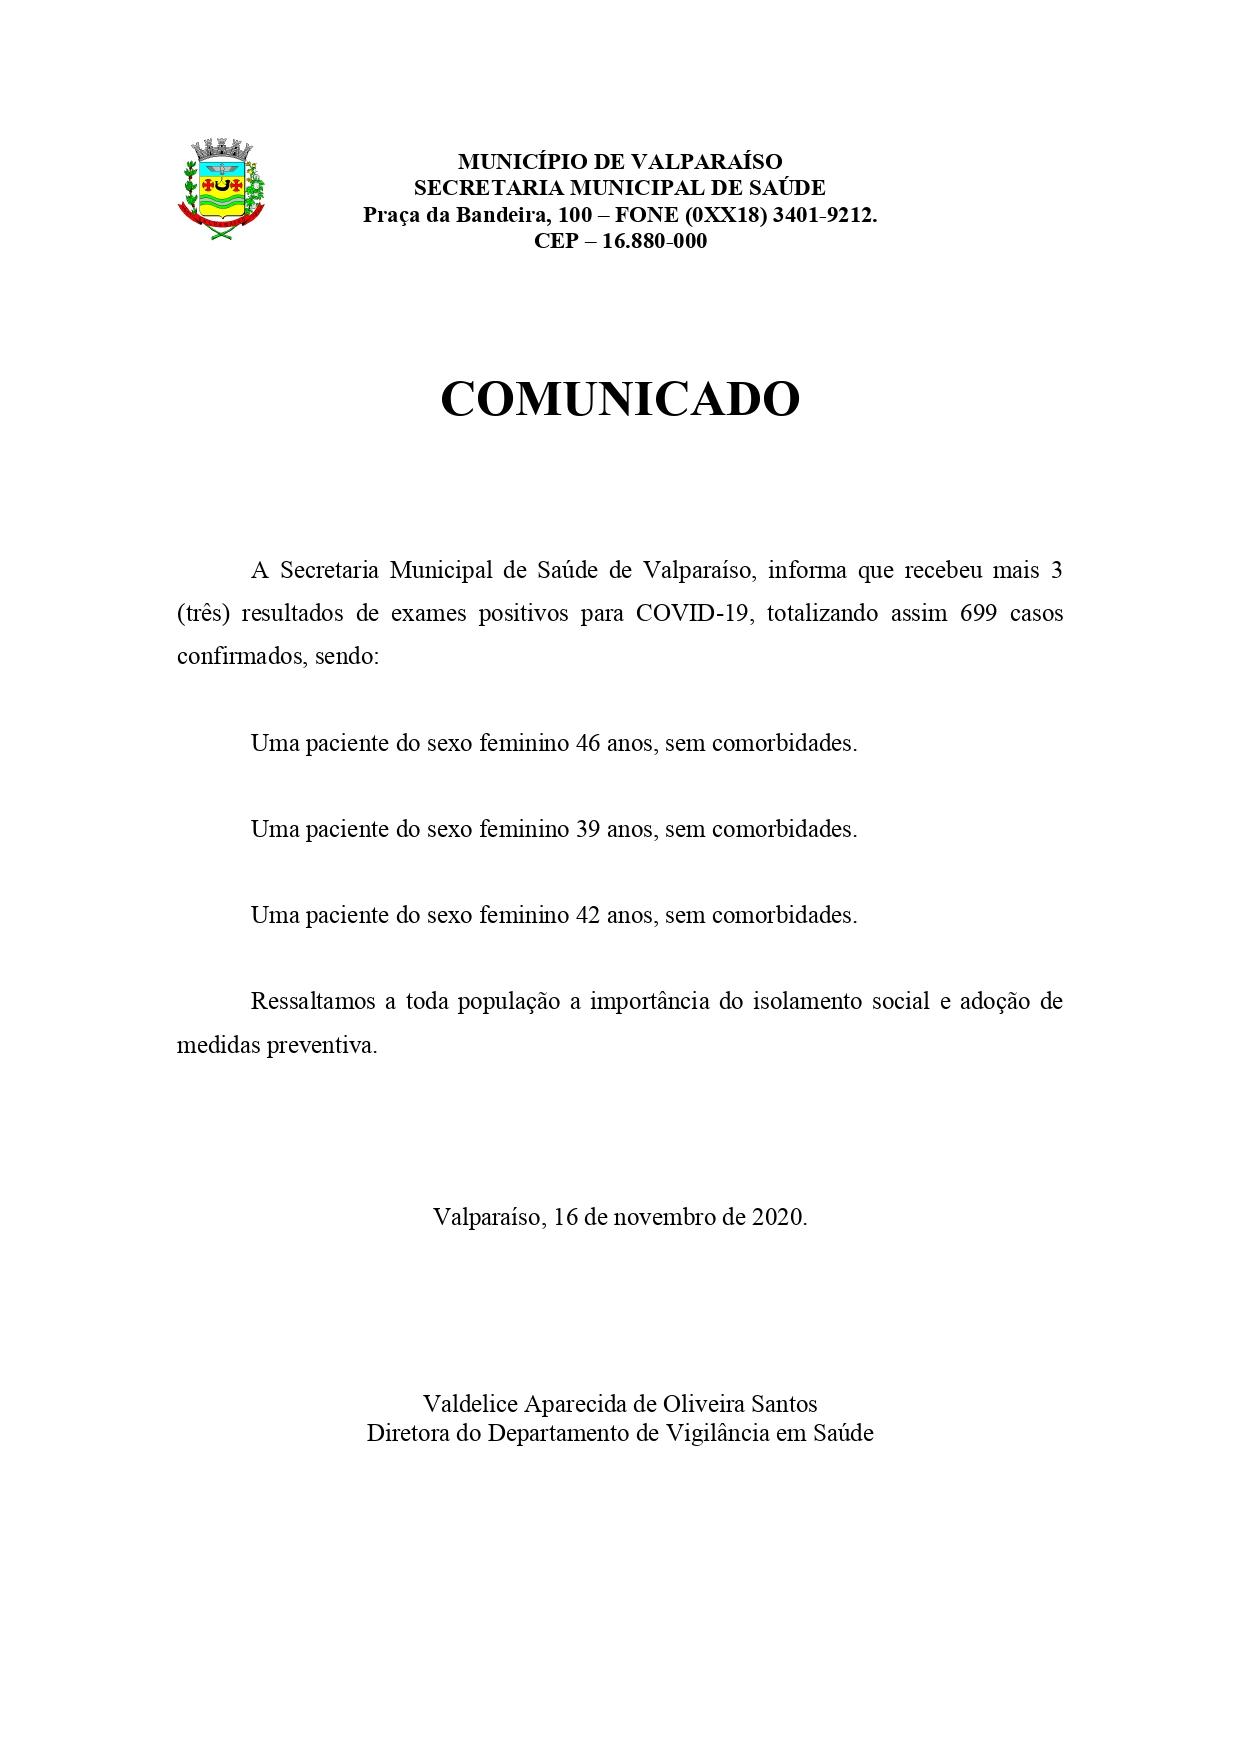 covid699